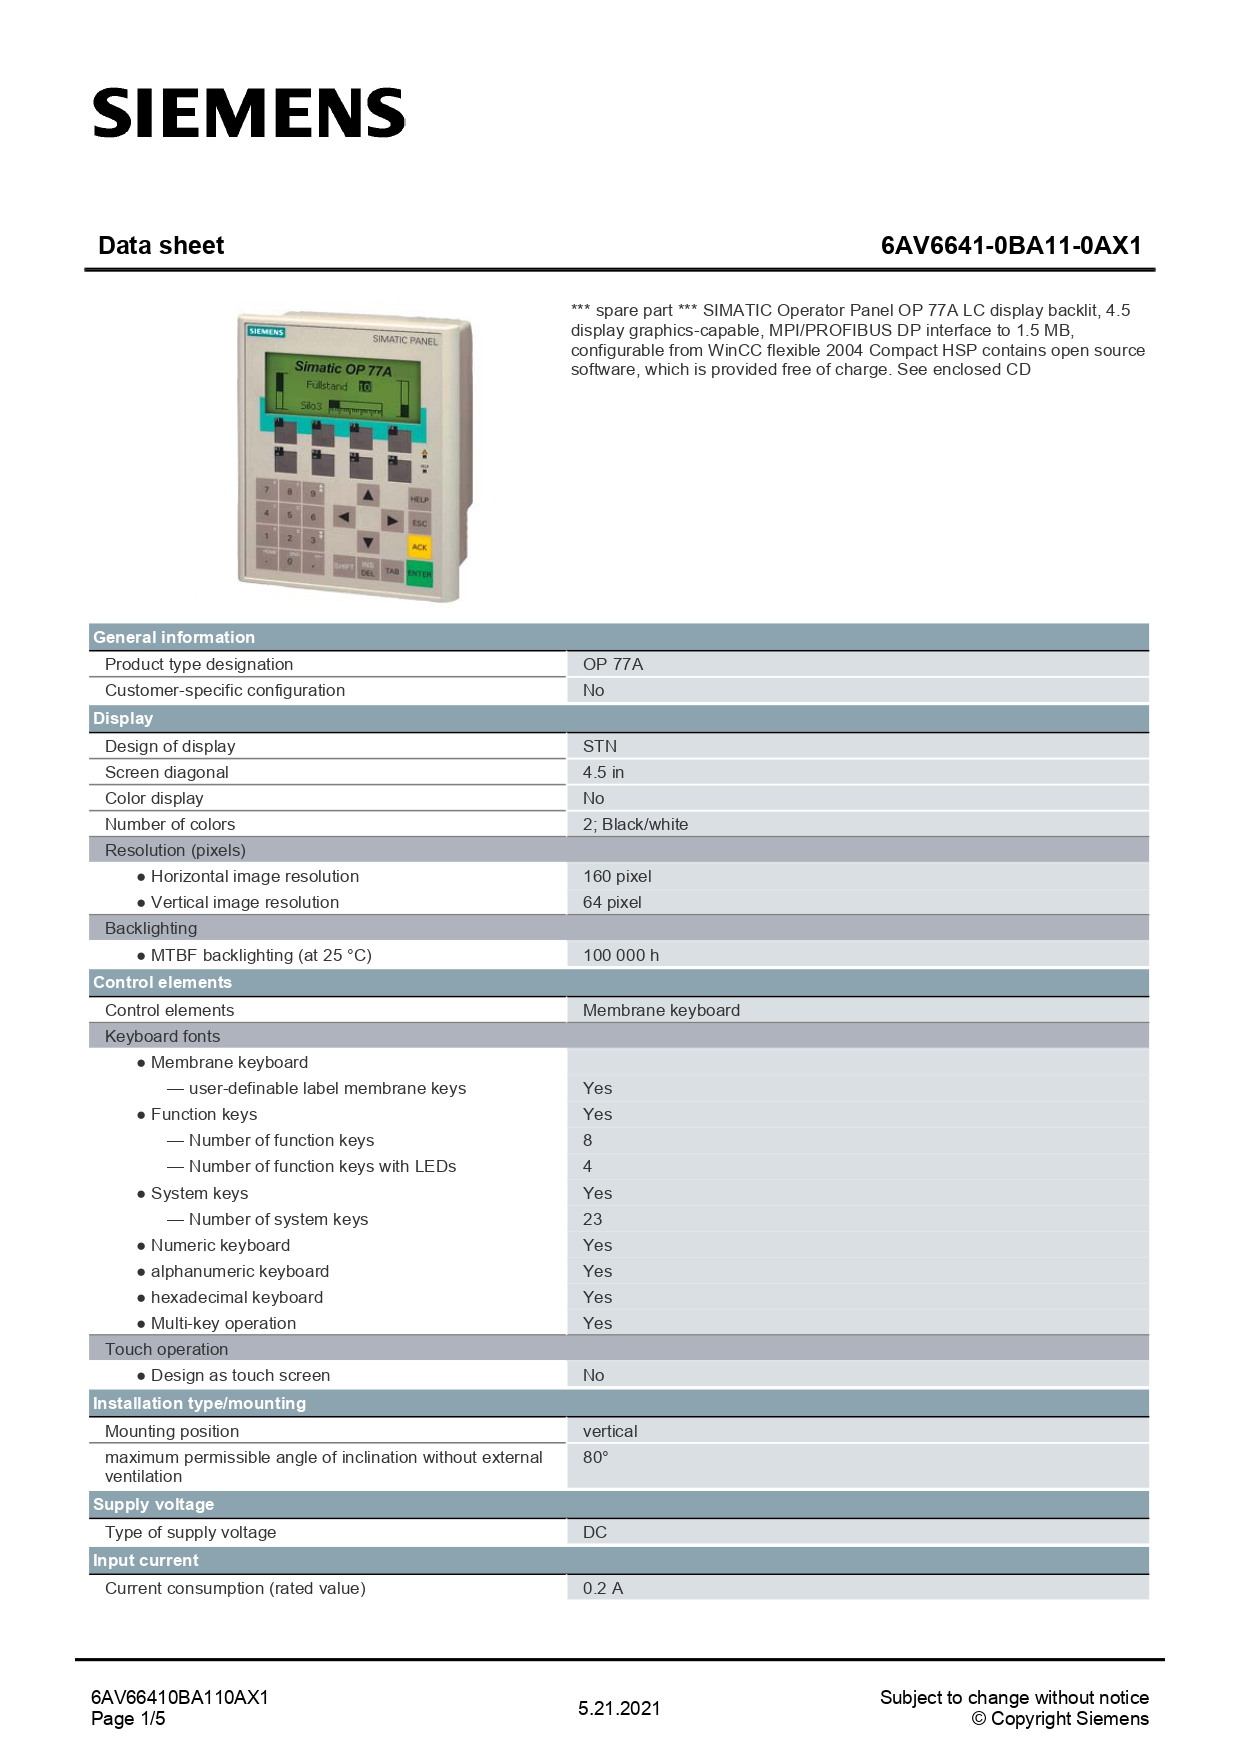 6AV66410BA110AX1_datasheet